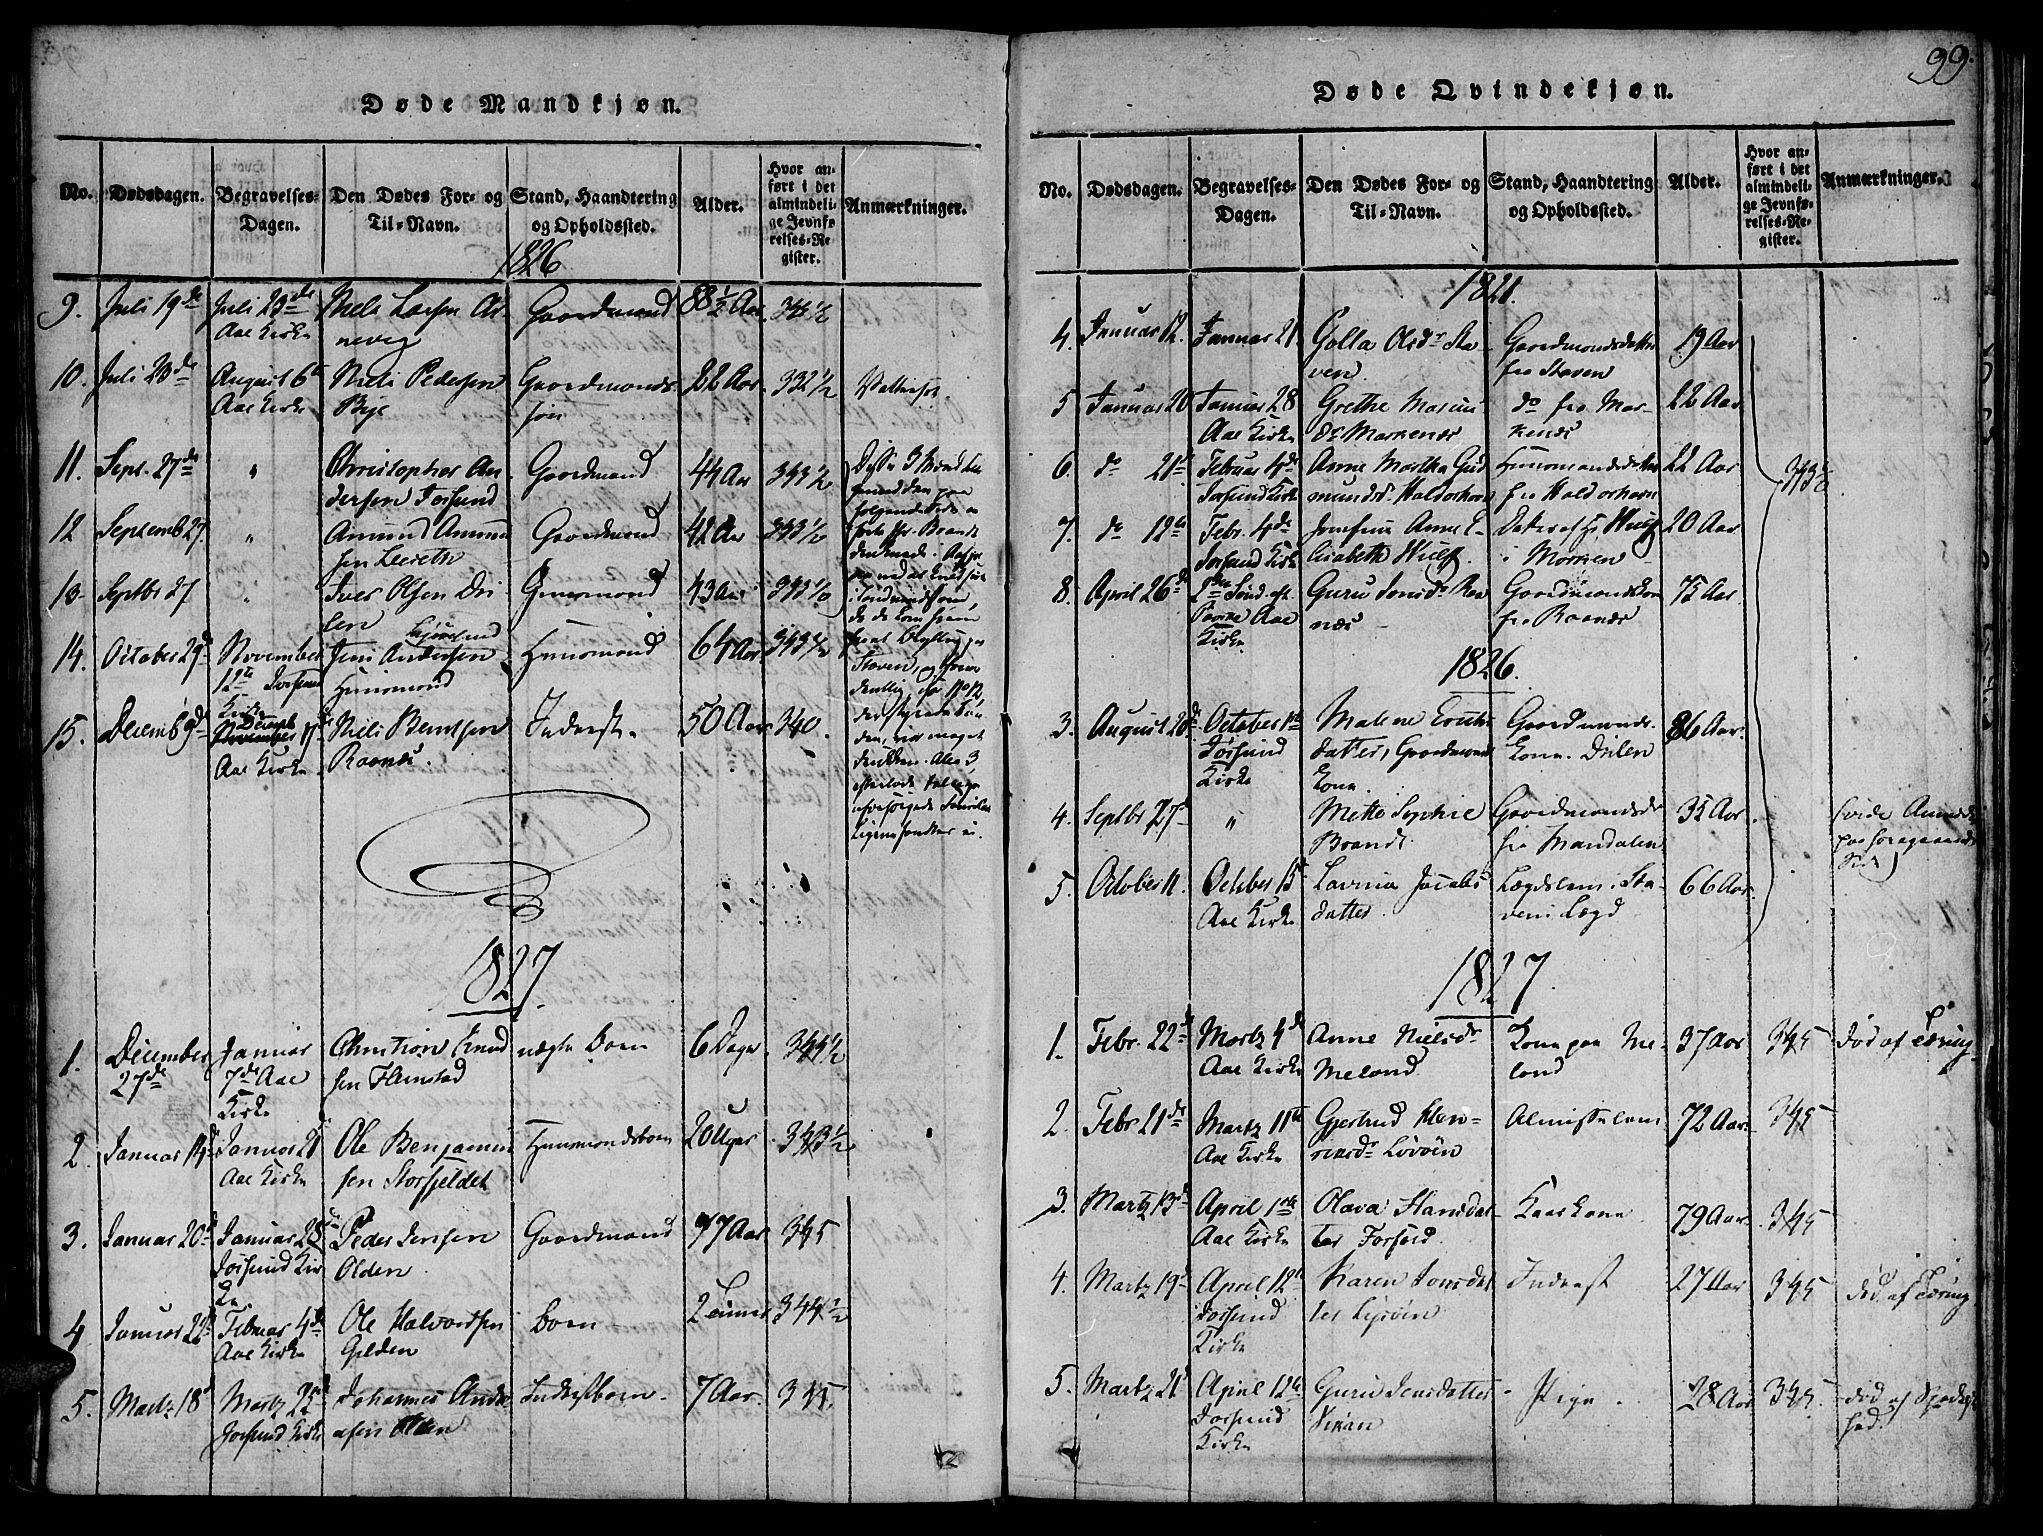 SAT, Ministerialprotokoller, klokkerbøker og fødselsregistre - Sør-Trøndelag, 655/L0675: Ministerialbok nr. 655A04, 1818-1830, s. 99